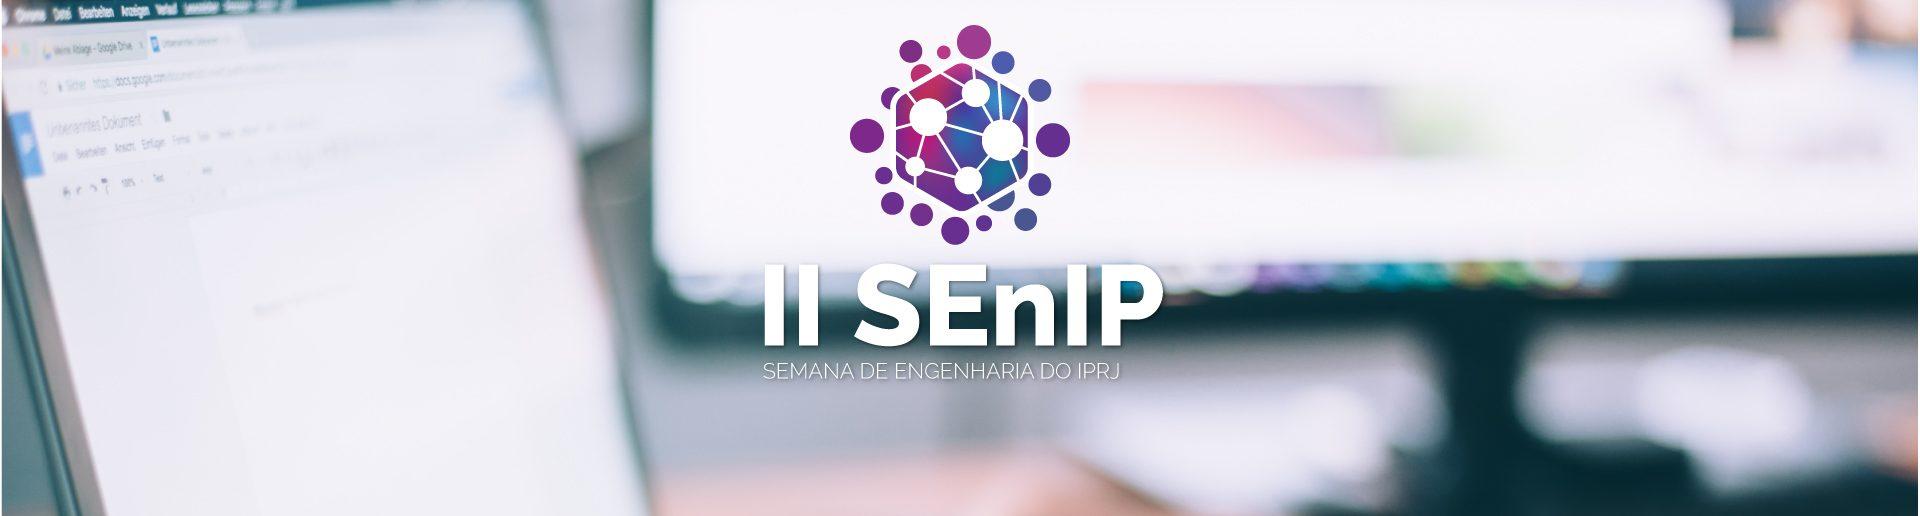 SEnIP